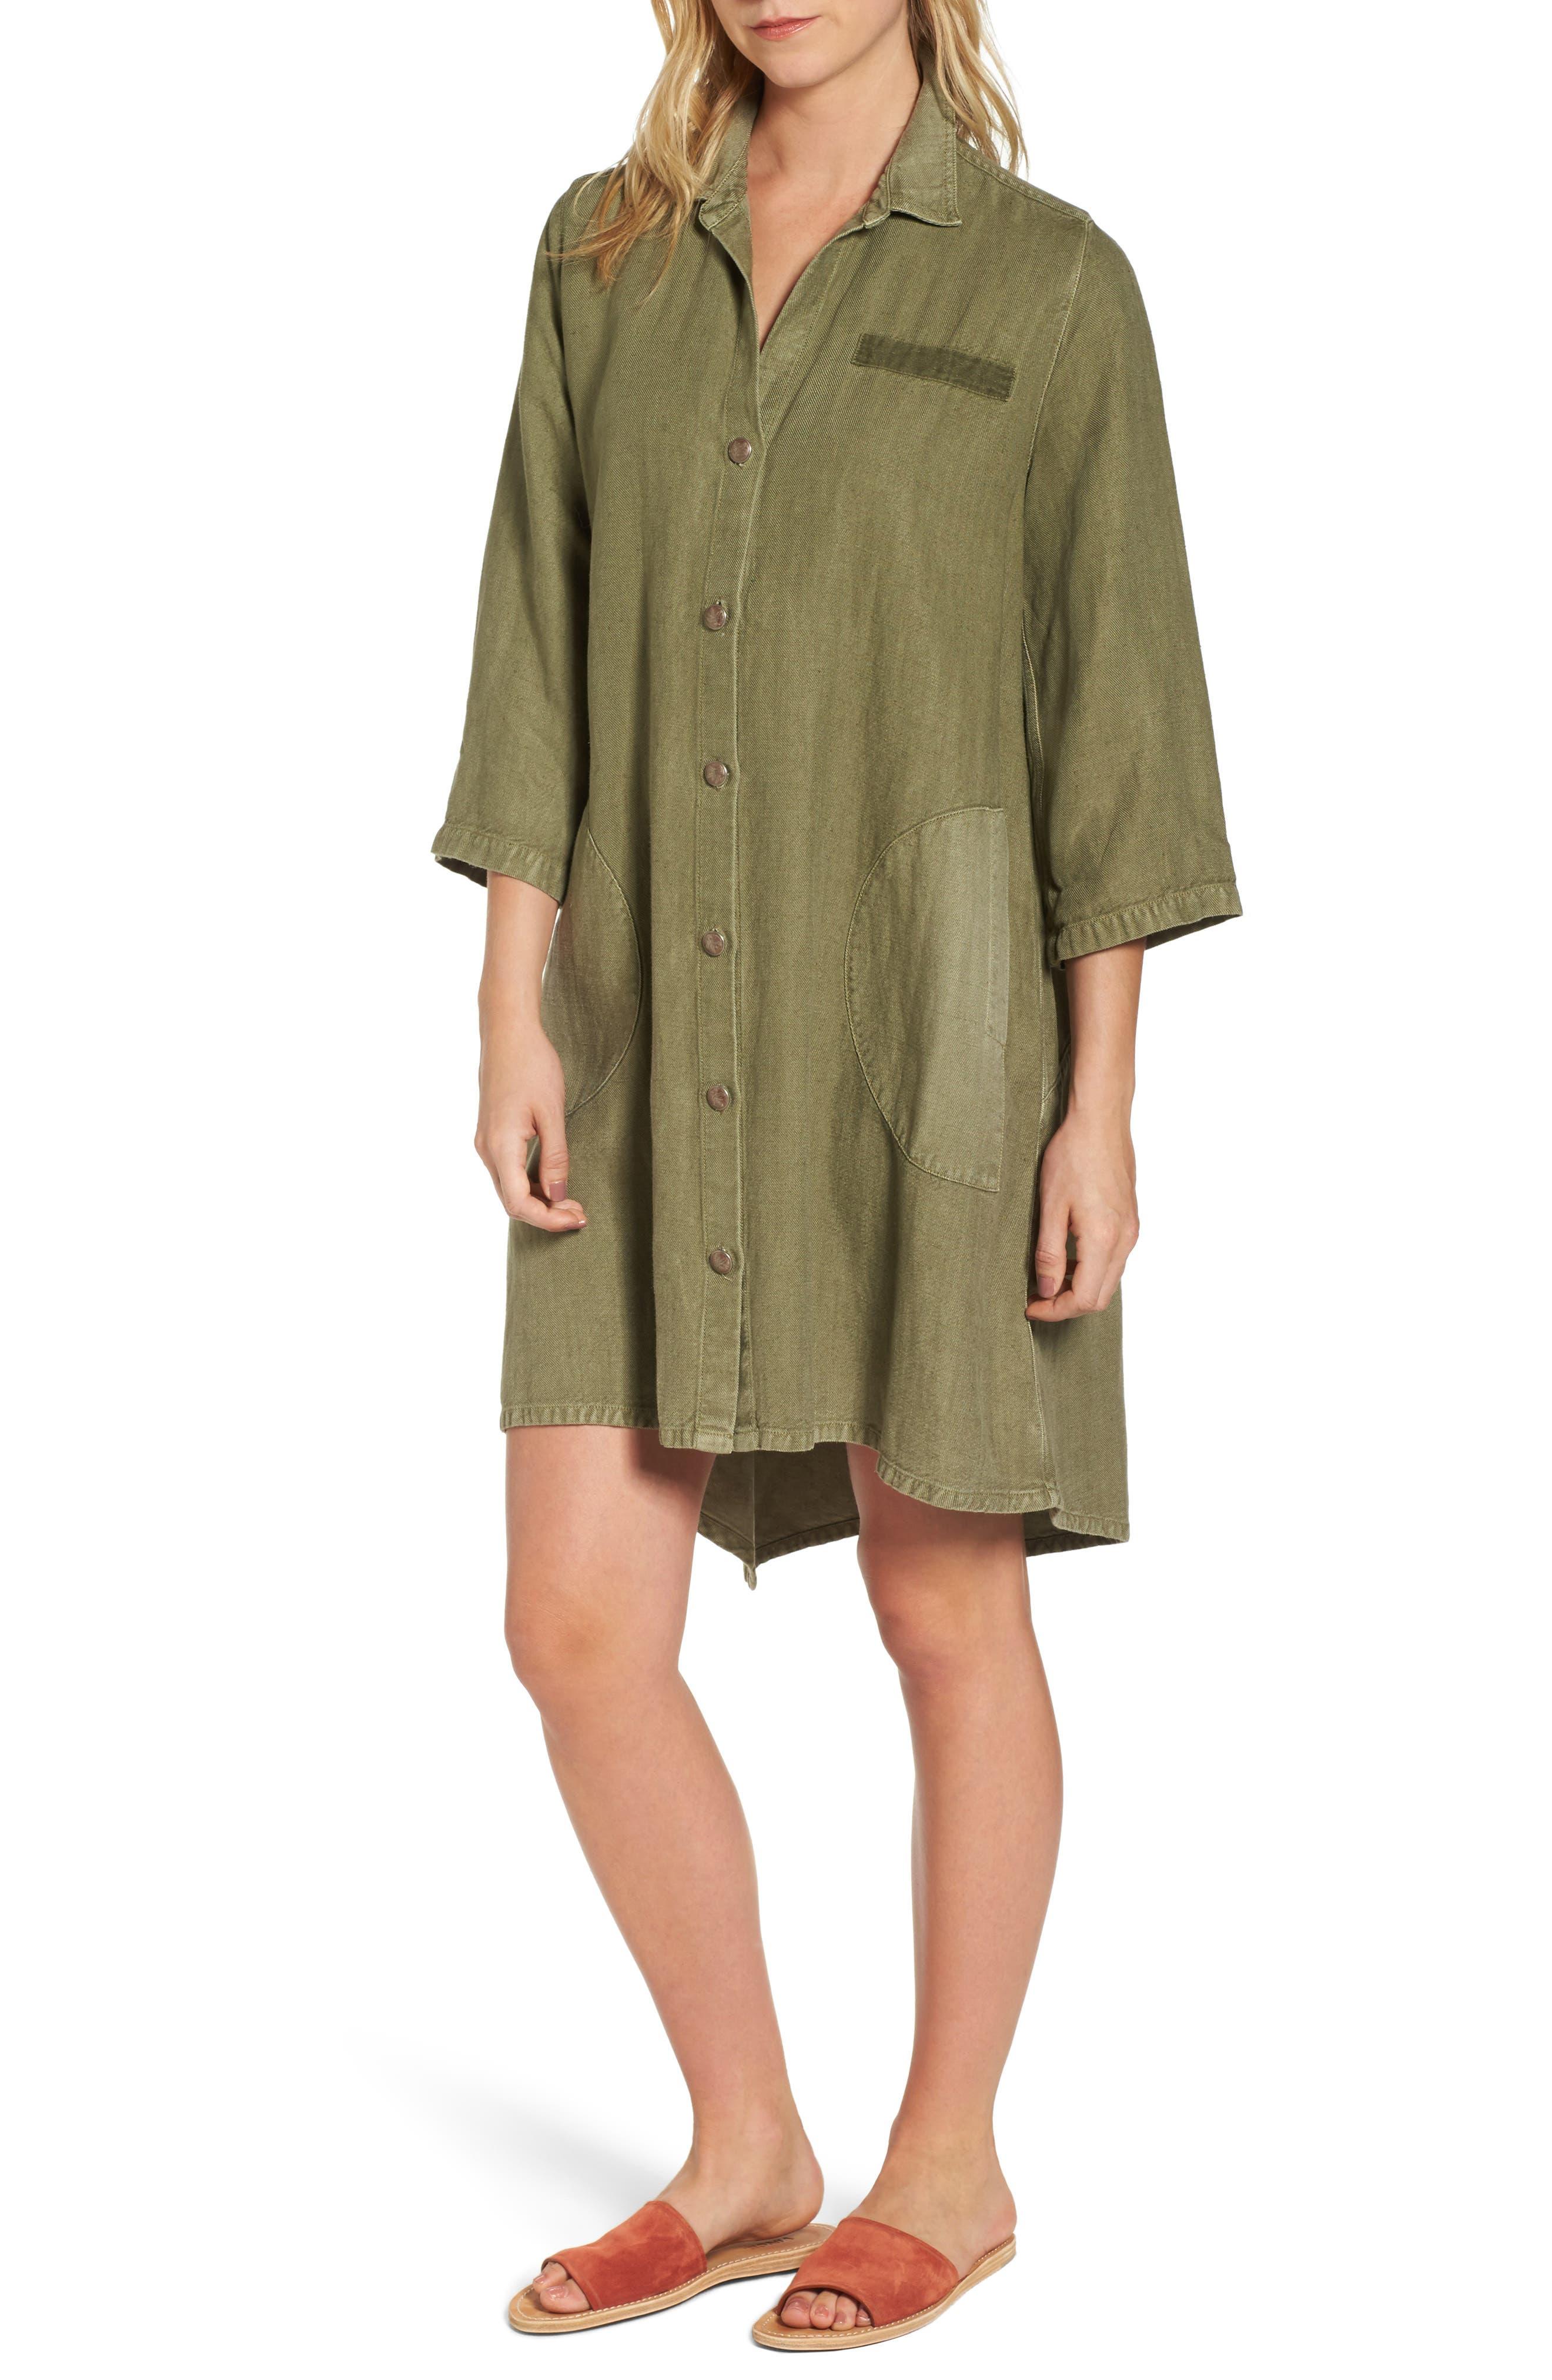 Alternate Image 1 Selected - AG Eva Swing Dress